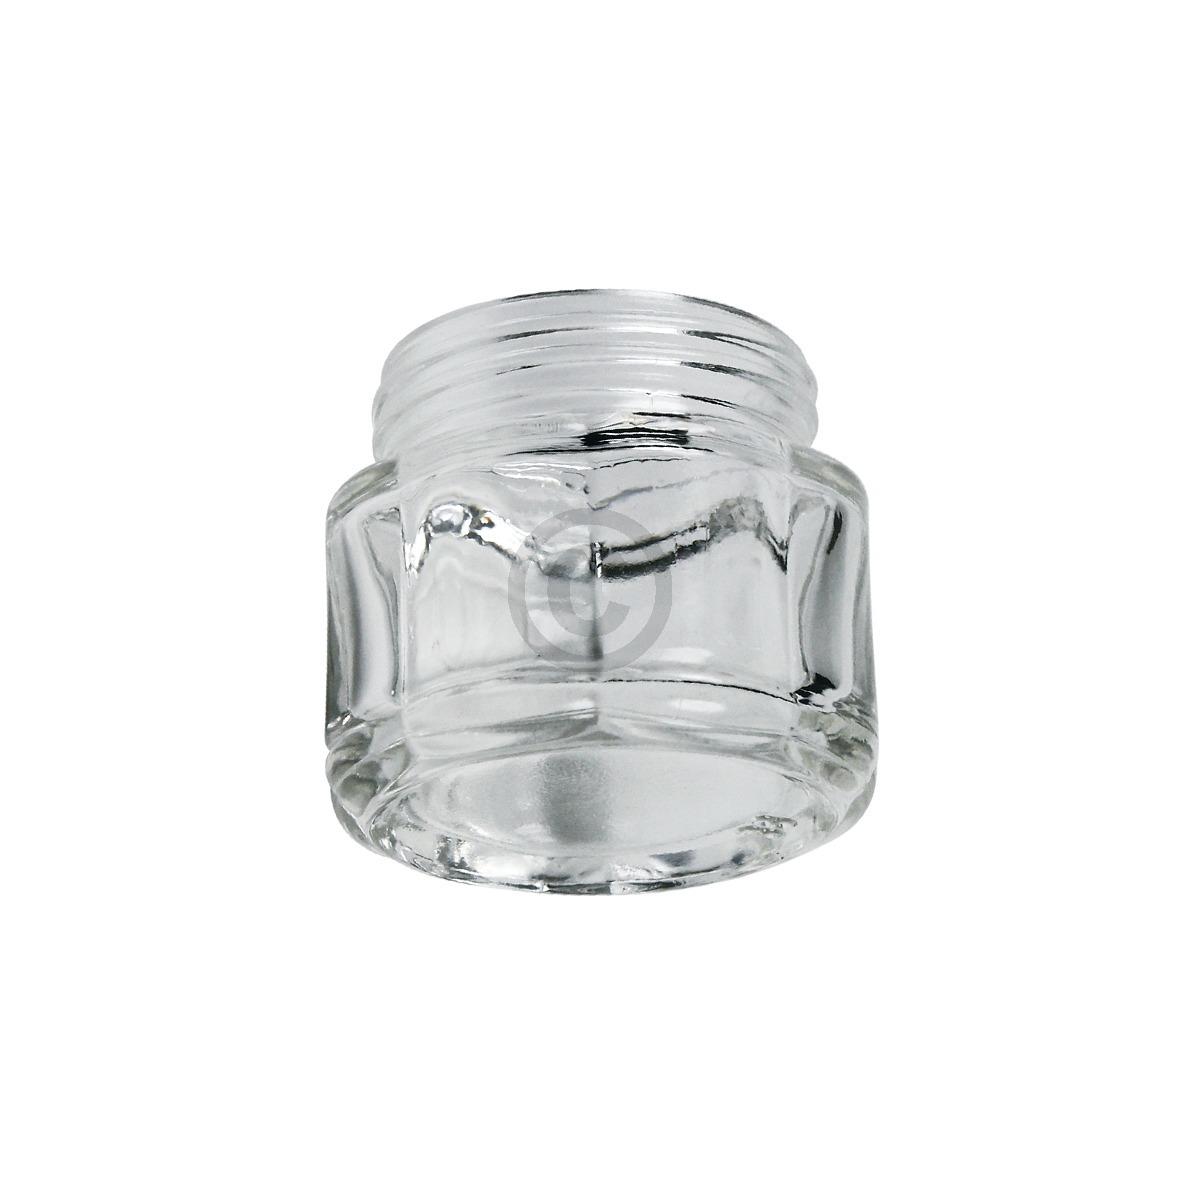 Lampenabdeckung Ø40,5mm, Glas 00155333 155333 Bosch, Siemens, Neff, Küppersbusch